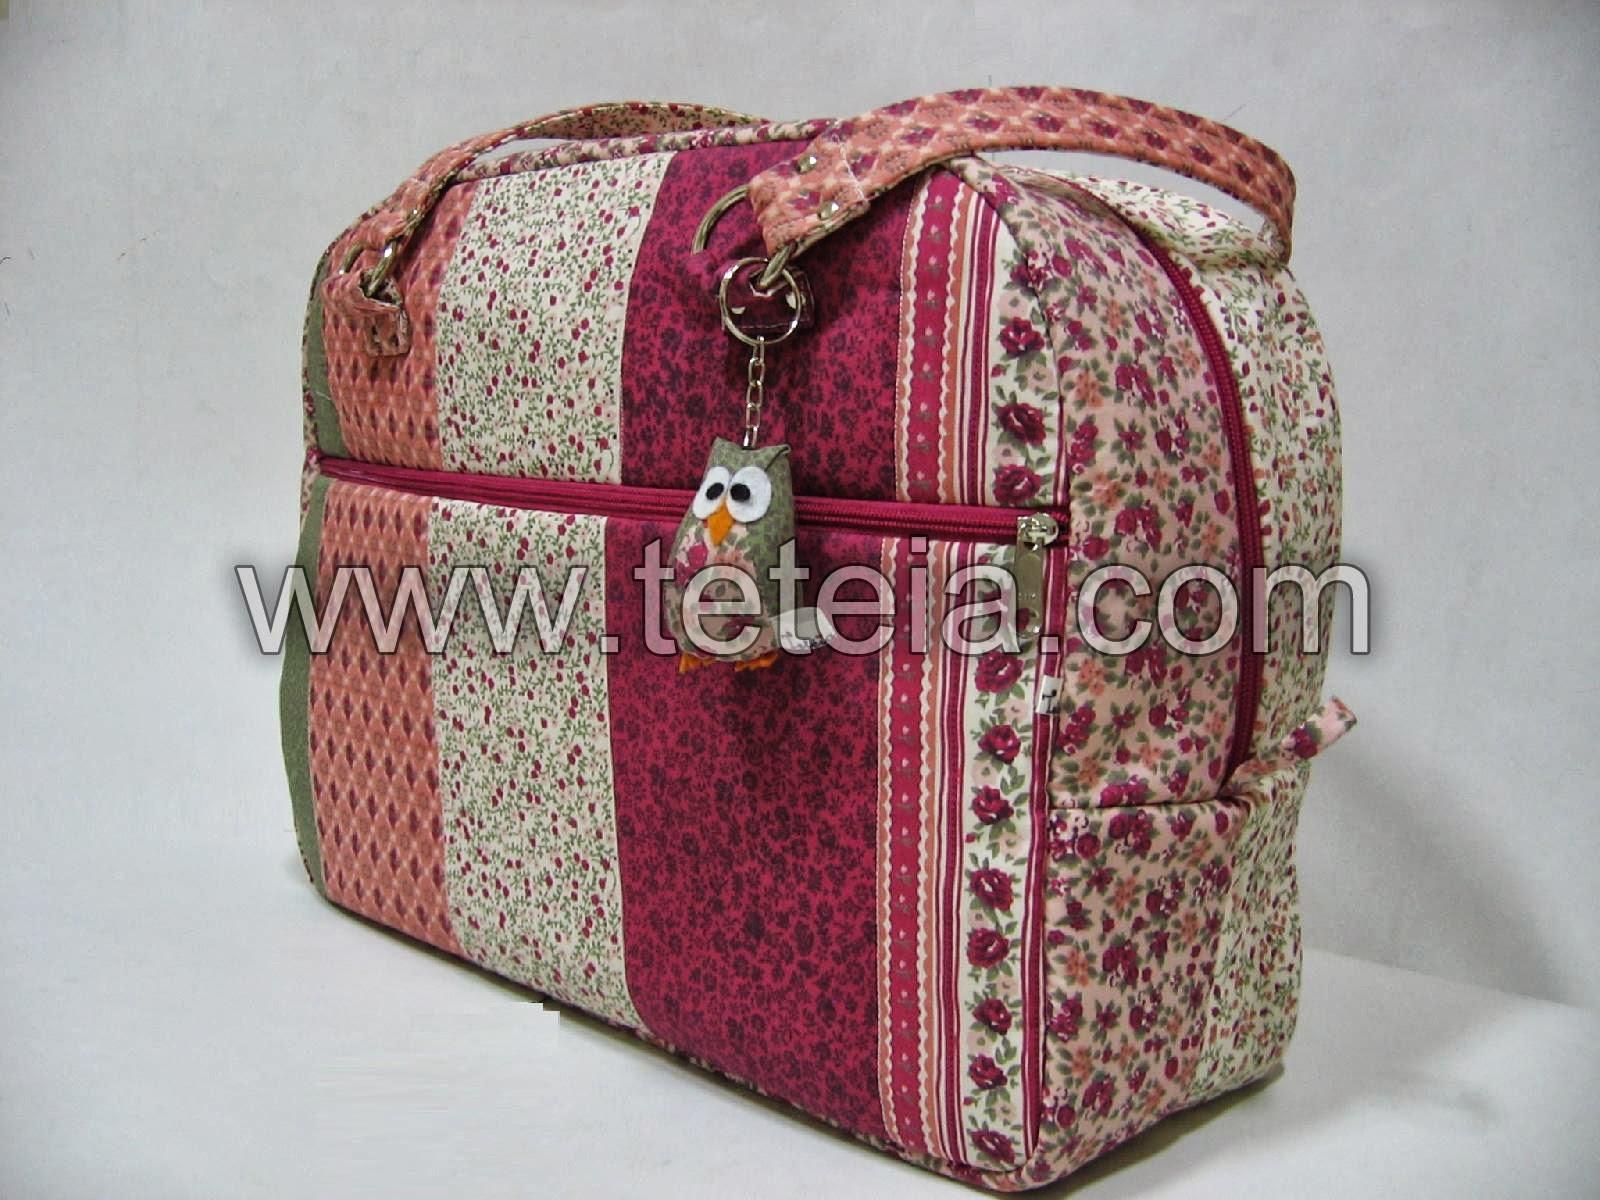 Bolsa Manicure Passo A Passo : Tet?ia patchwork maleta de viagem faixas rosa